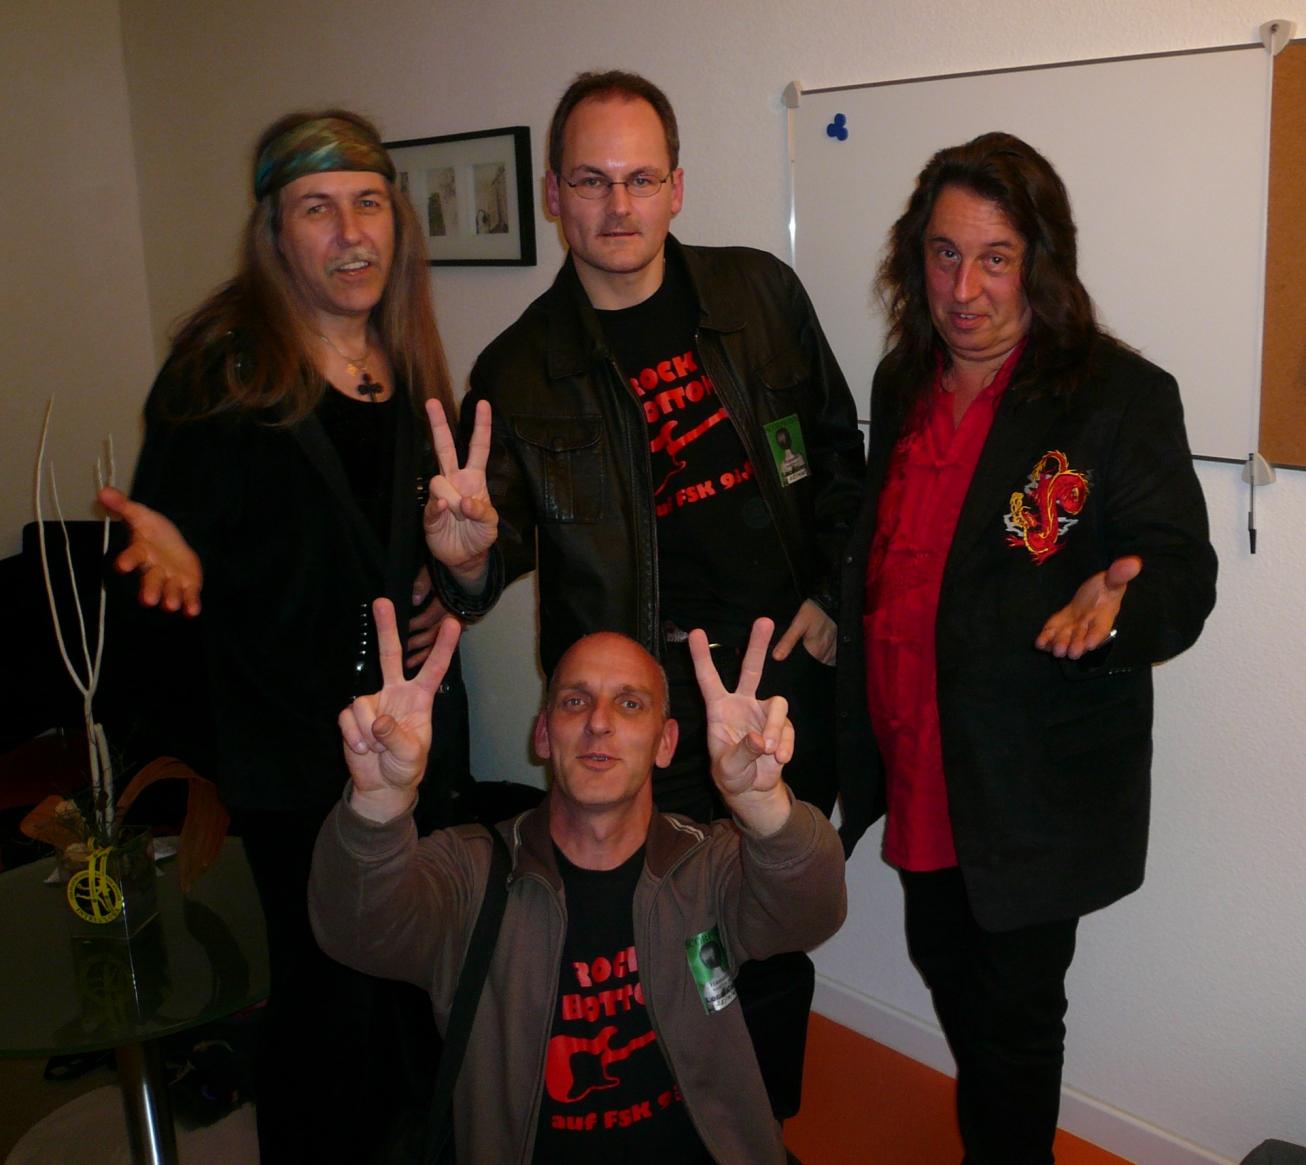 Ex-Scorpions